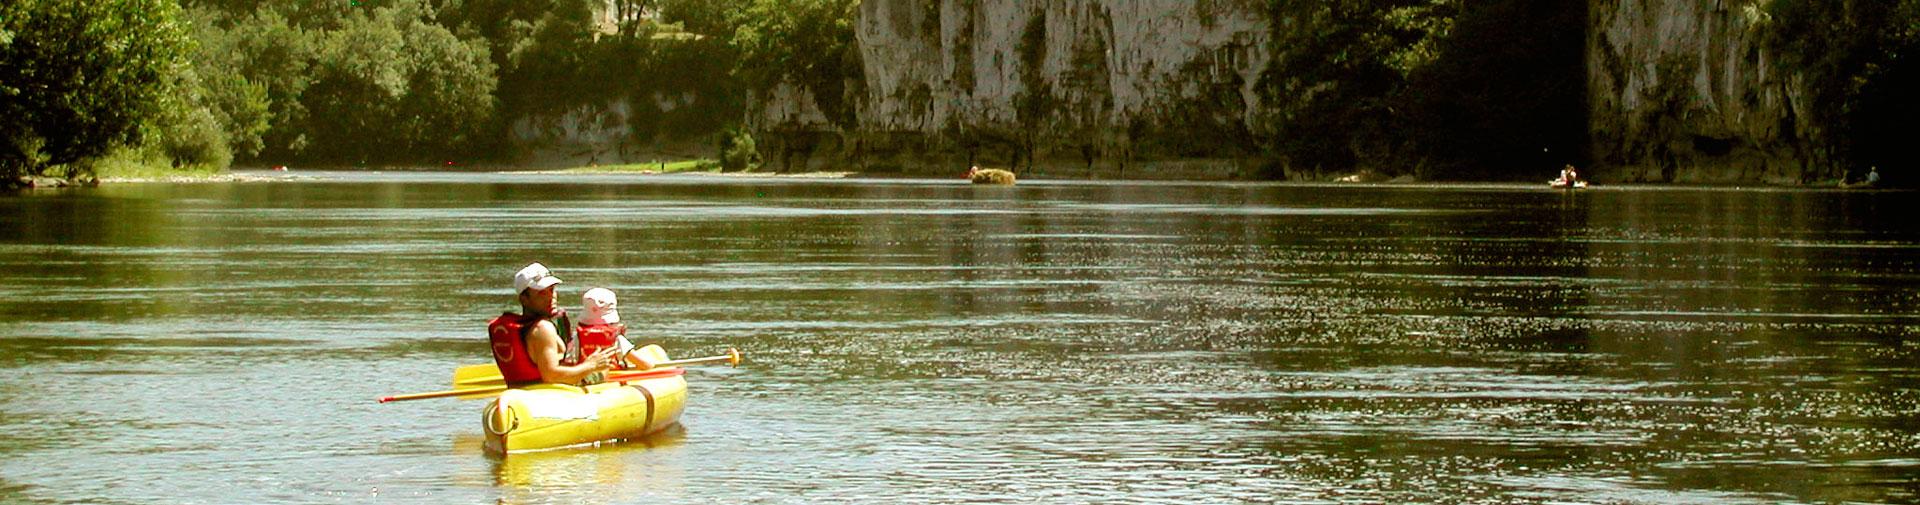 Profitez de votre séjour en Dordogne pour faire du canoë